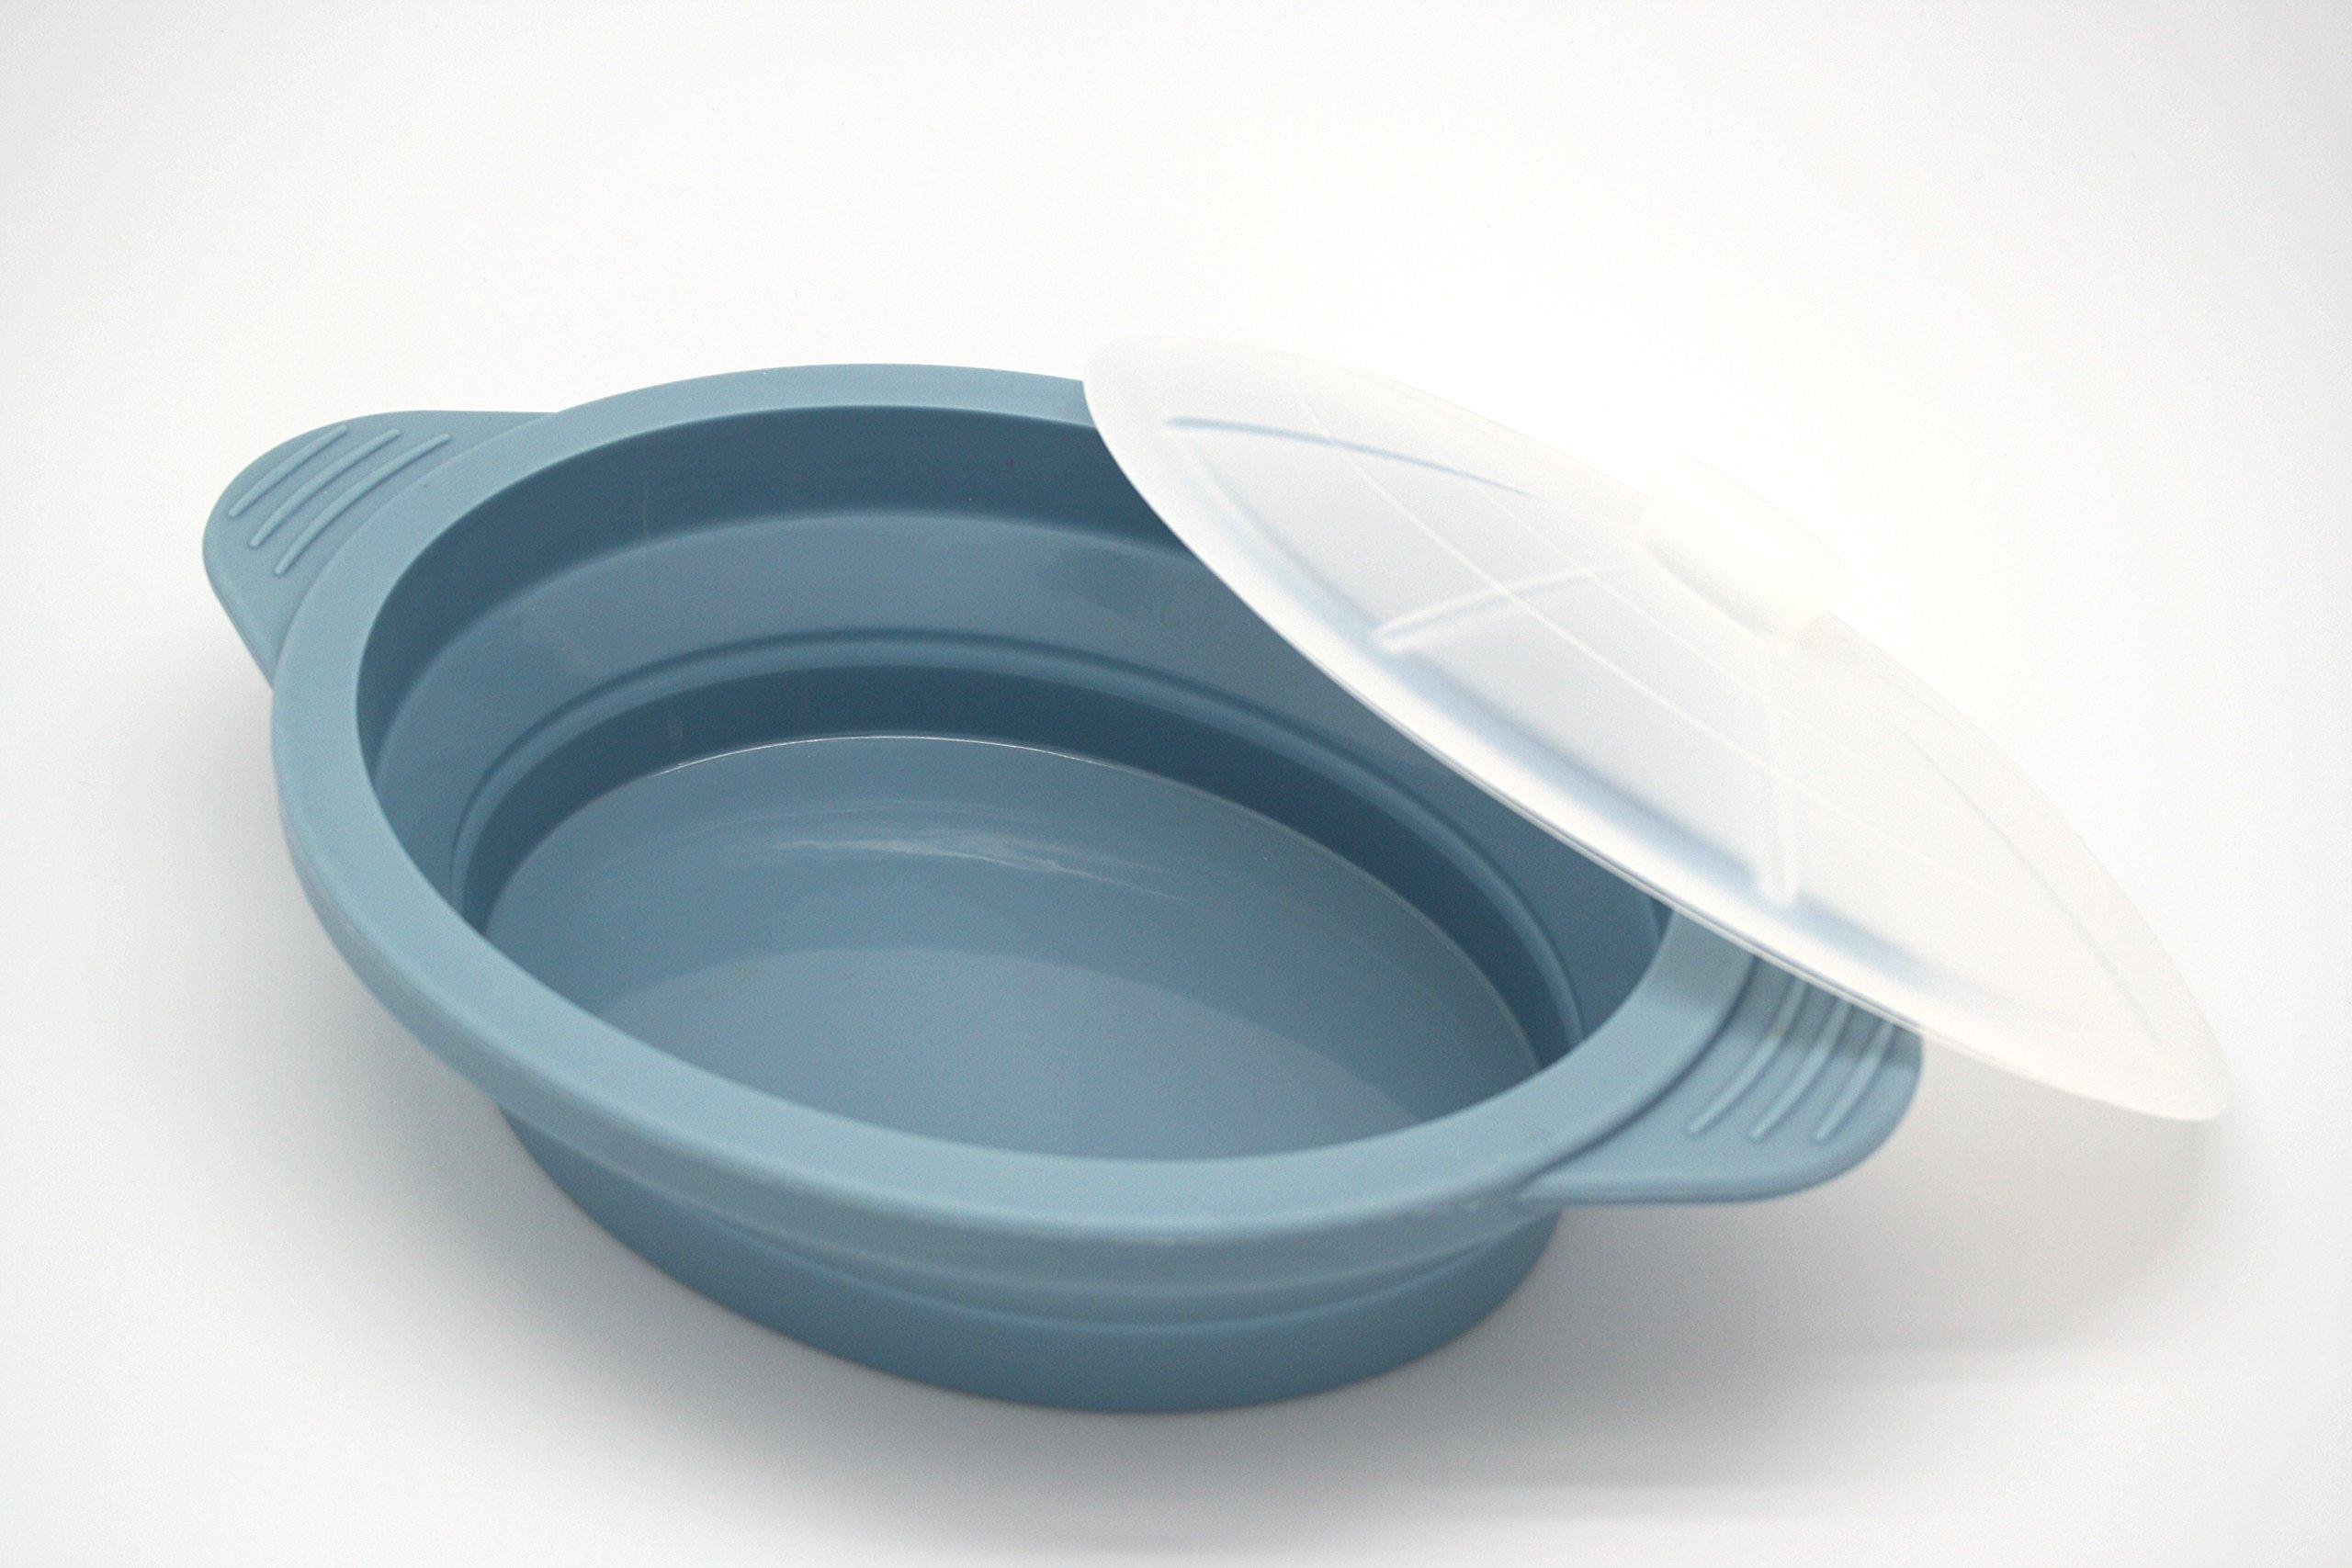 Olla Microondas de Silicona, Color Azul: Amazon.es: Hogar